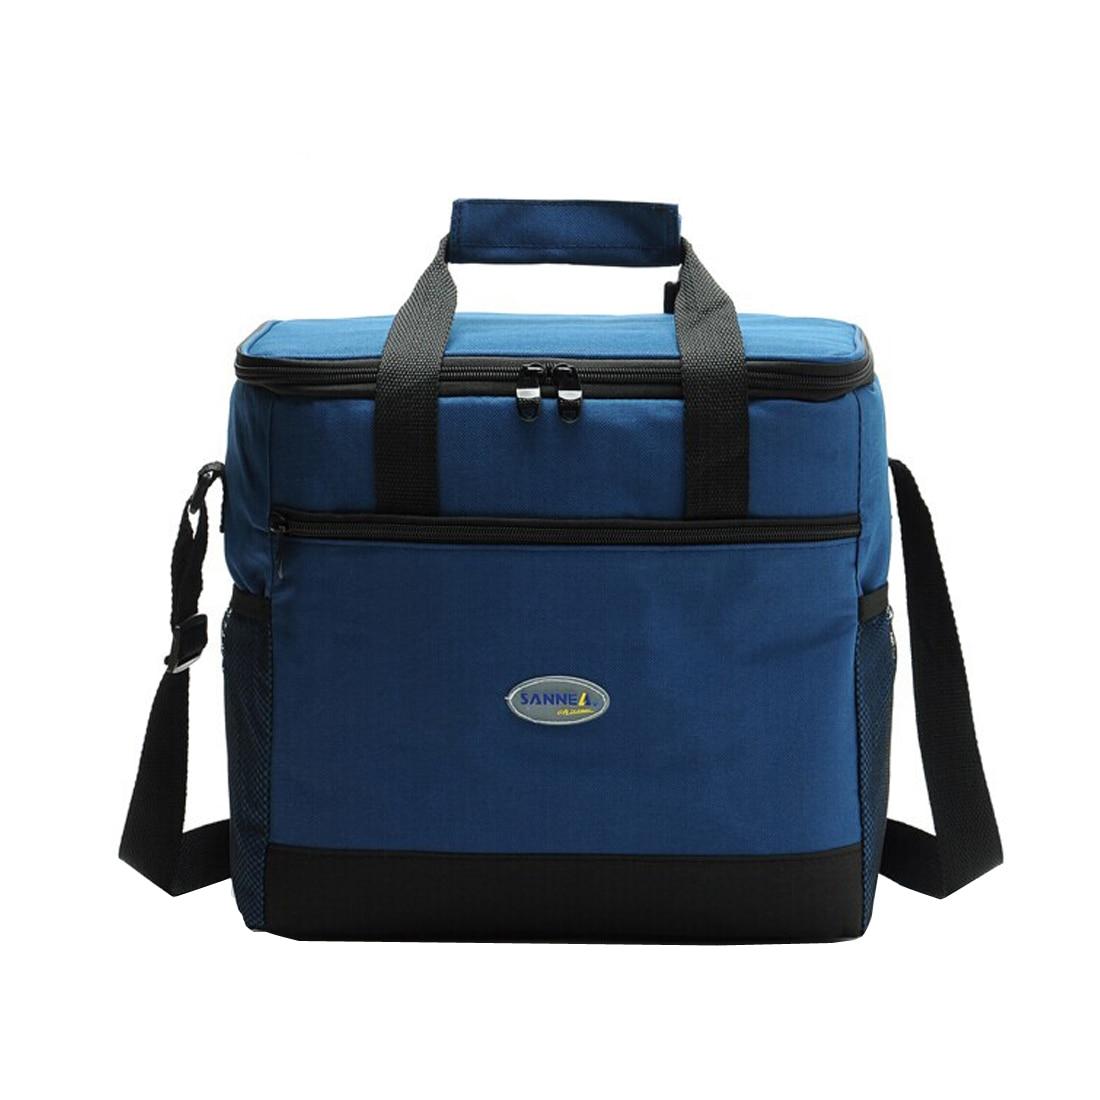 2017 Mode Große Tragbare Kühltasche Thermischen Picknick Tasche Für Frauen Kinder Männer Kühltasche Multifunktions Lunch Box